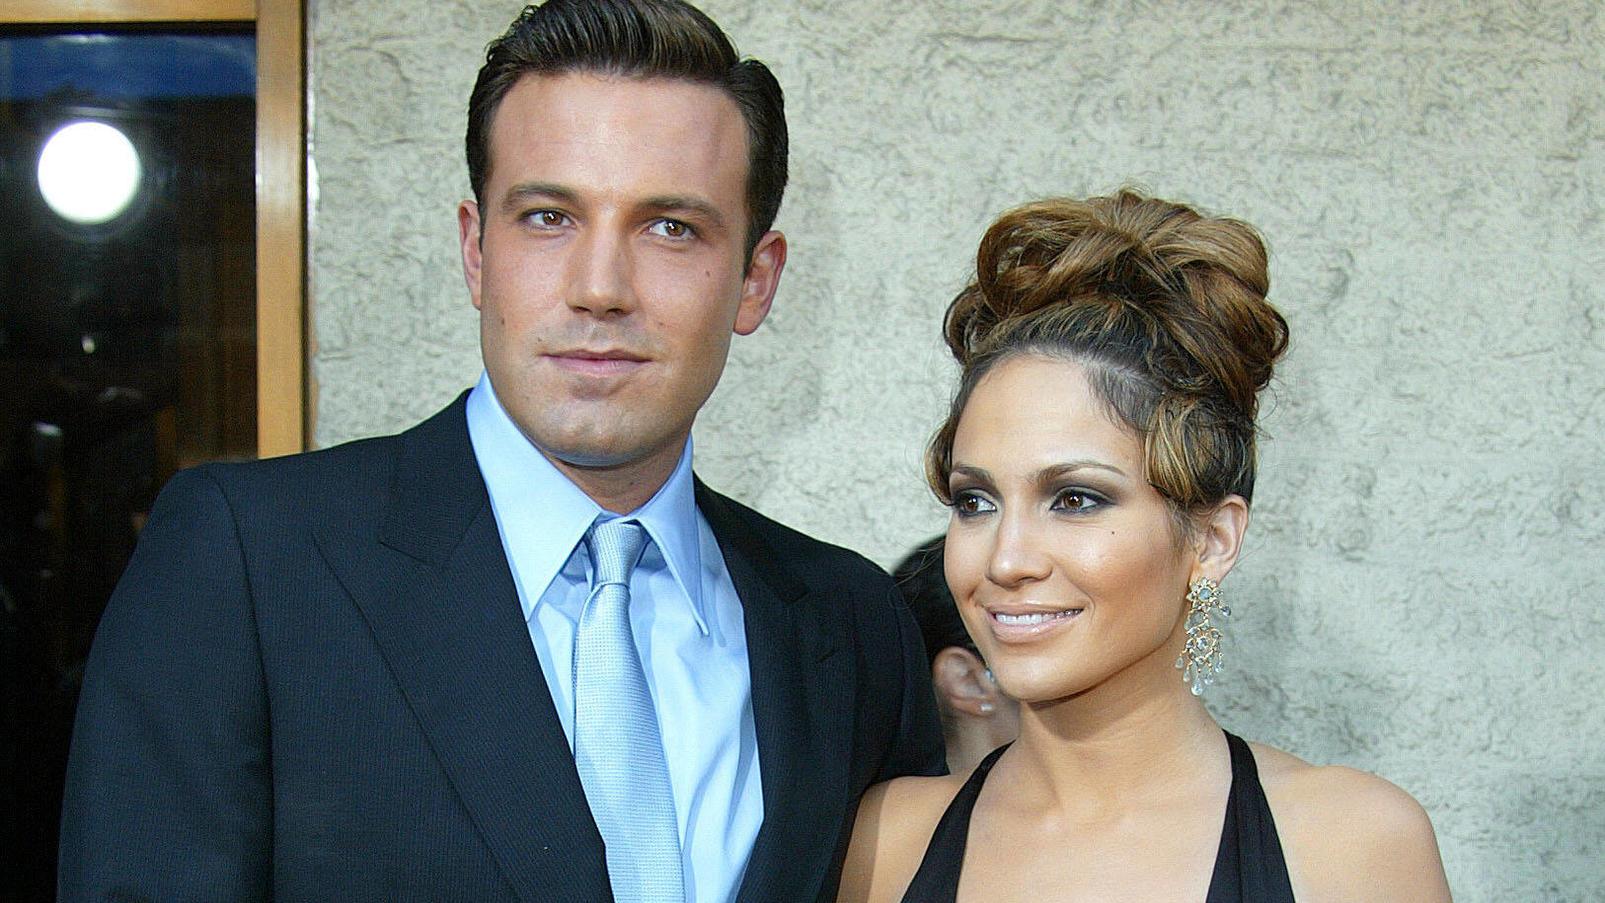 Ben Affleck und Jennifer Lopez bei einem Auftritt im Juli 2003